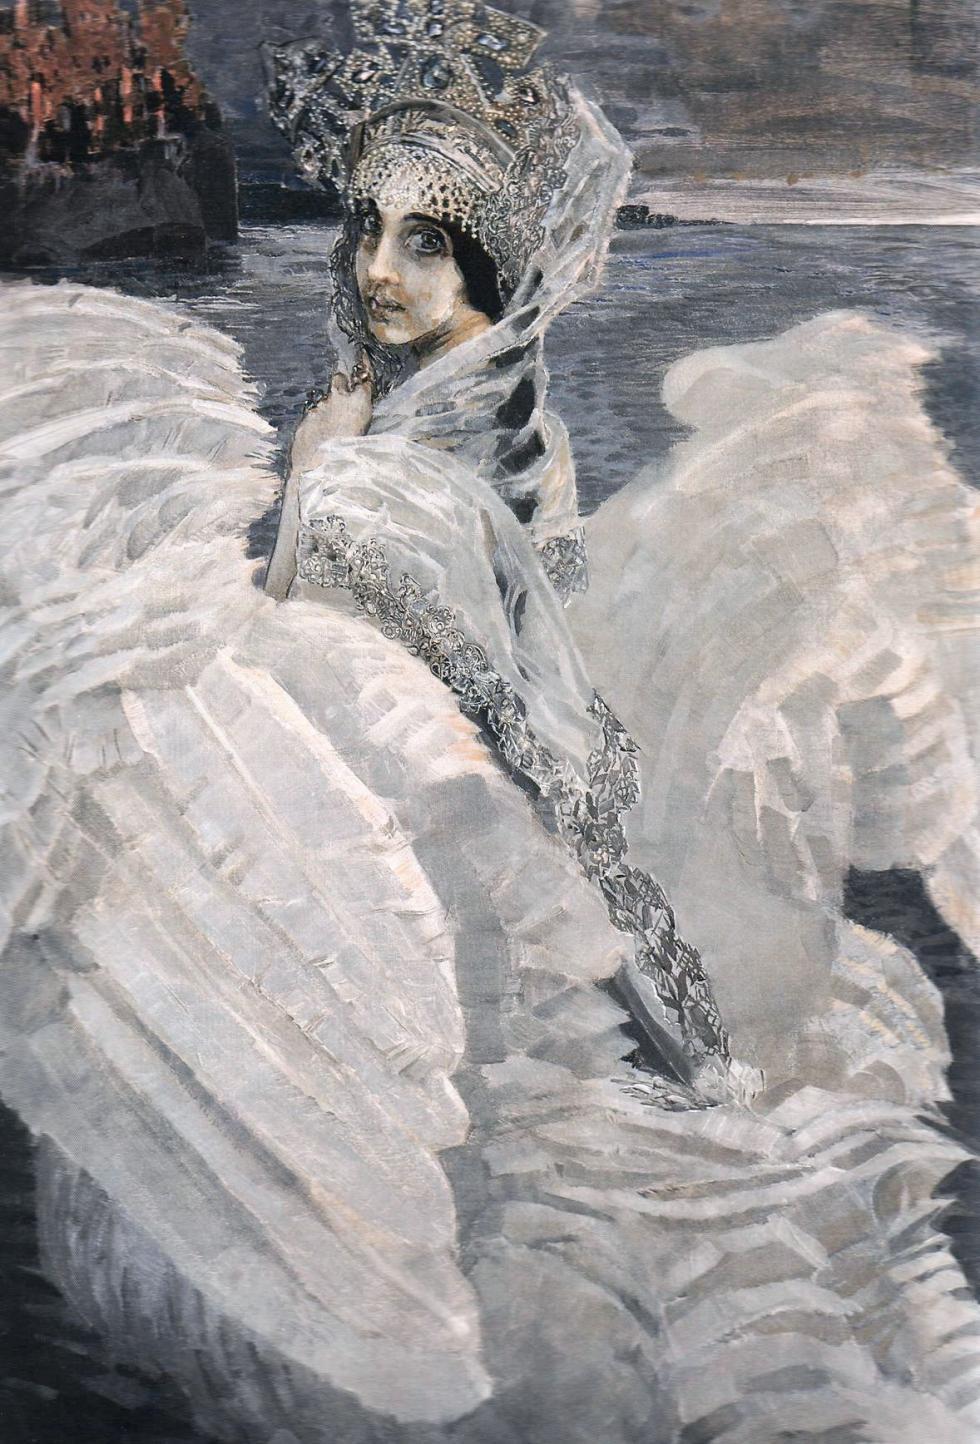 《天鹅公主》,1900年,莫斯科国立特列季亚科夫画廊